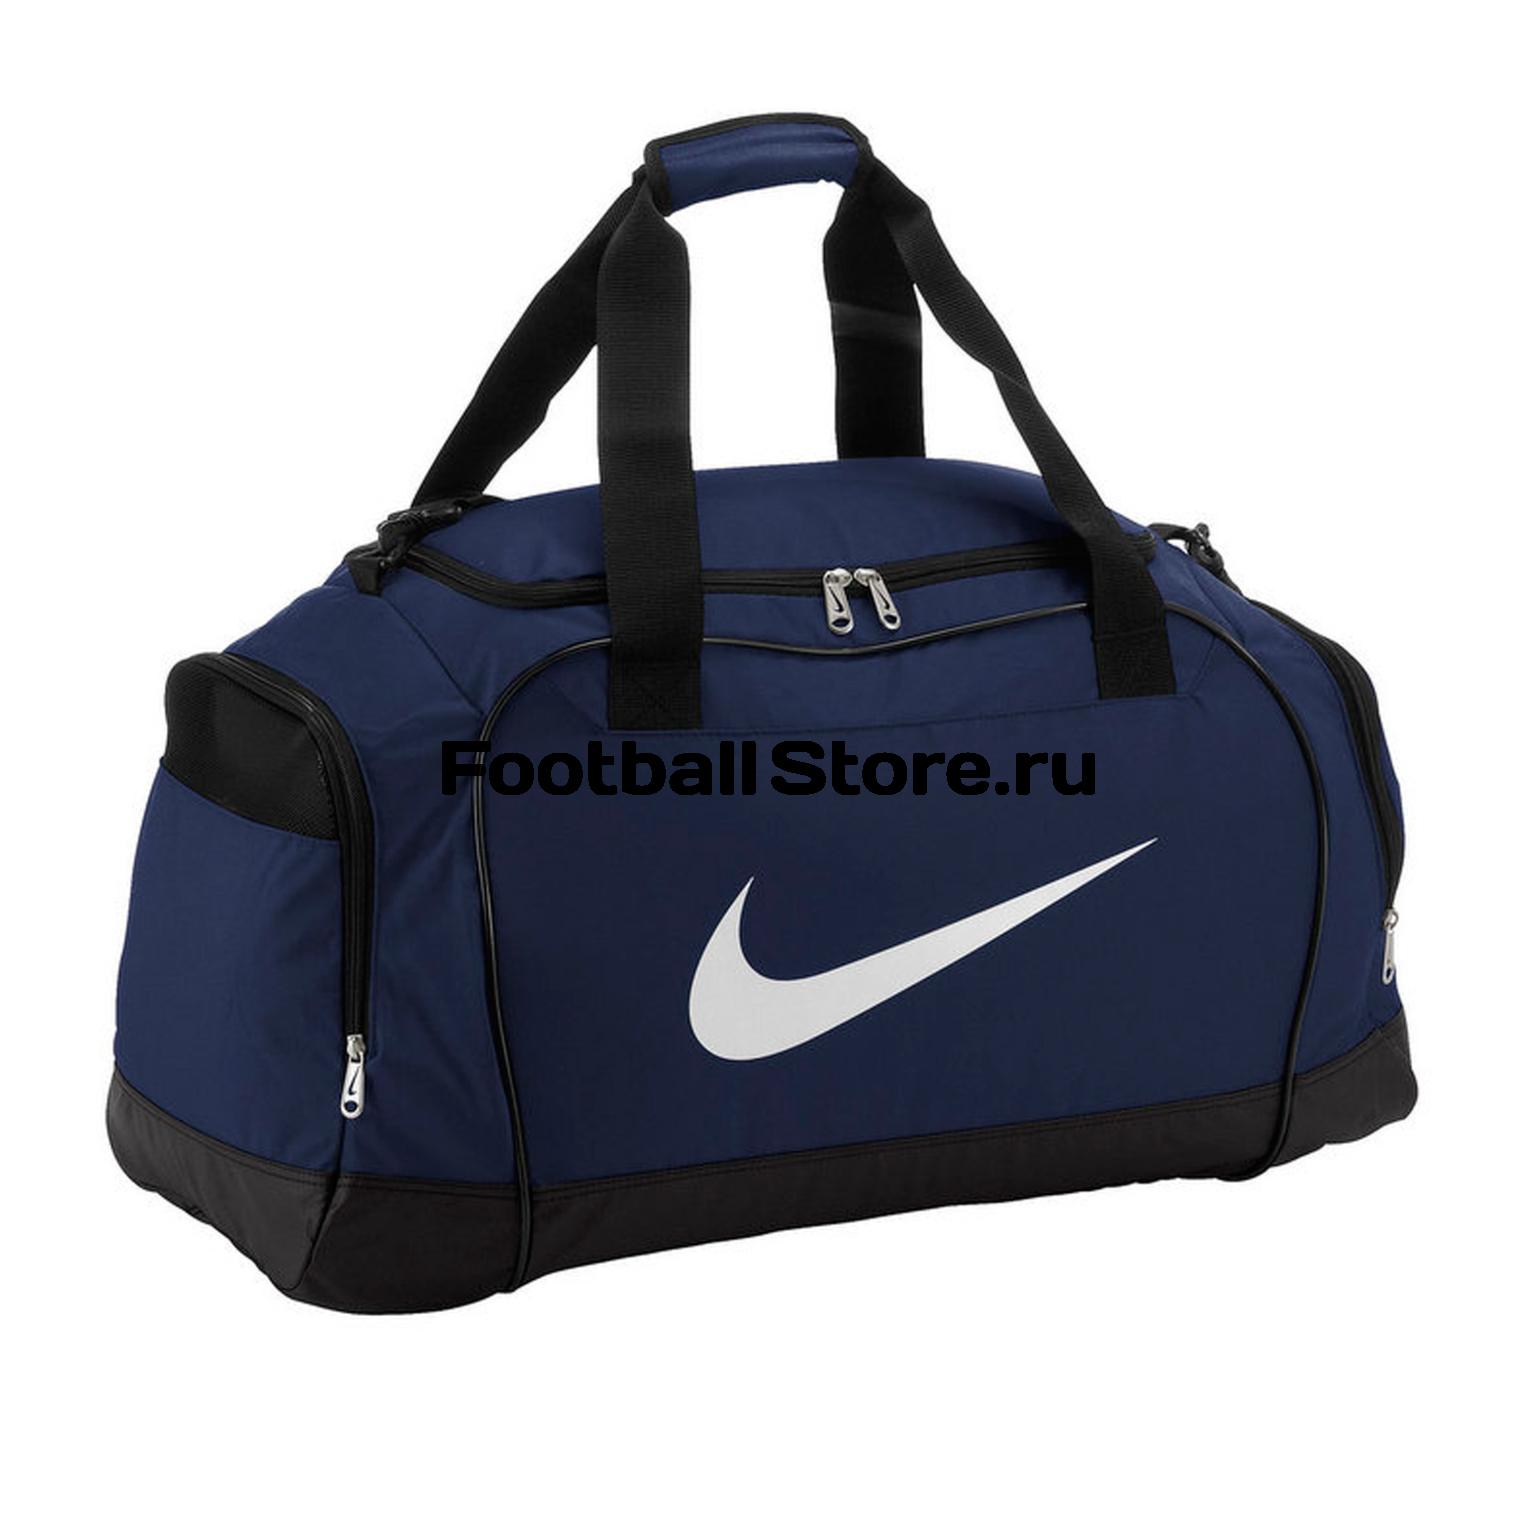 Сумки/Рюкзаки Nike Сумка Nike Zenit Club Team Small Duffel BA3252-472